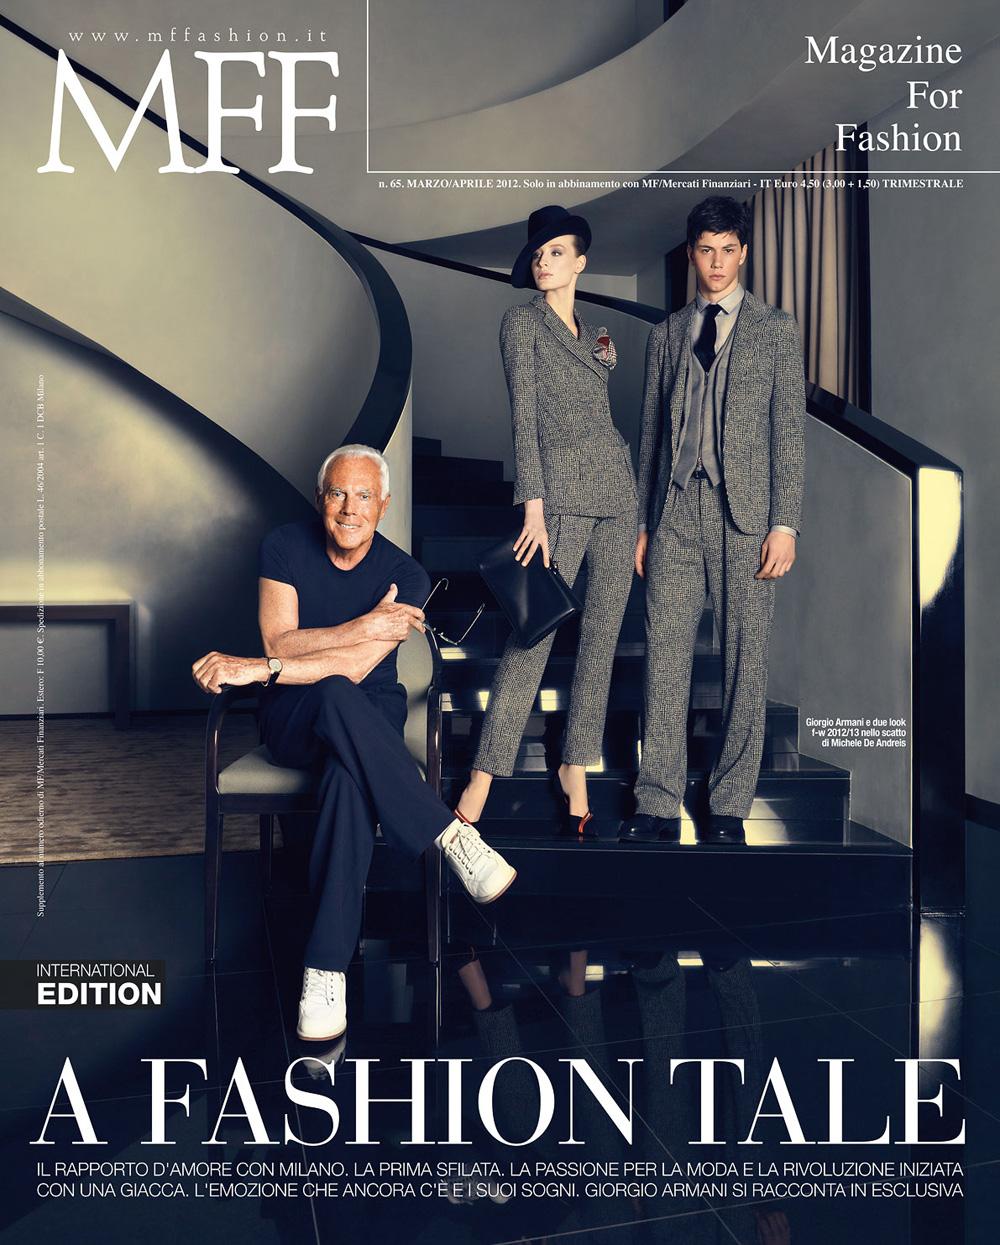 欣赏mff时尚杂志封面设计与阿玛尼精彩内页男装!